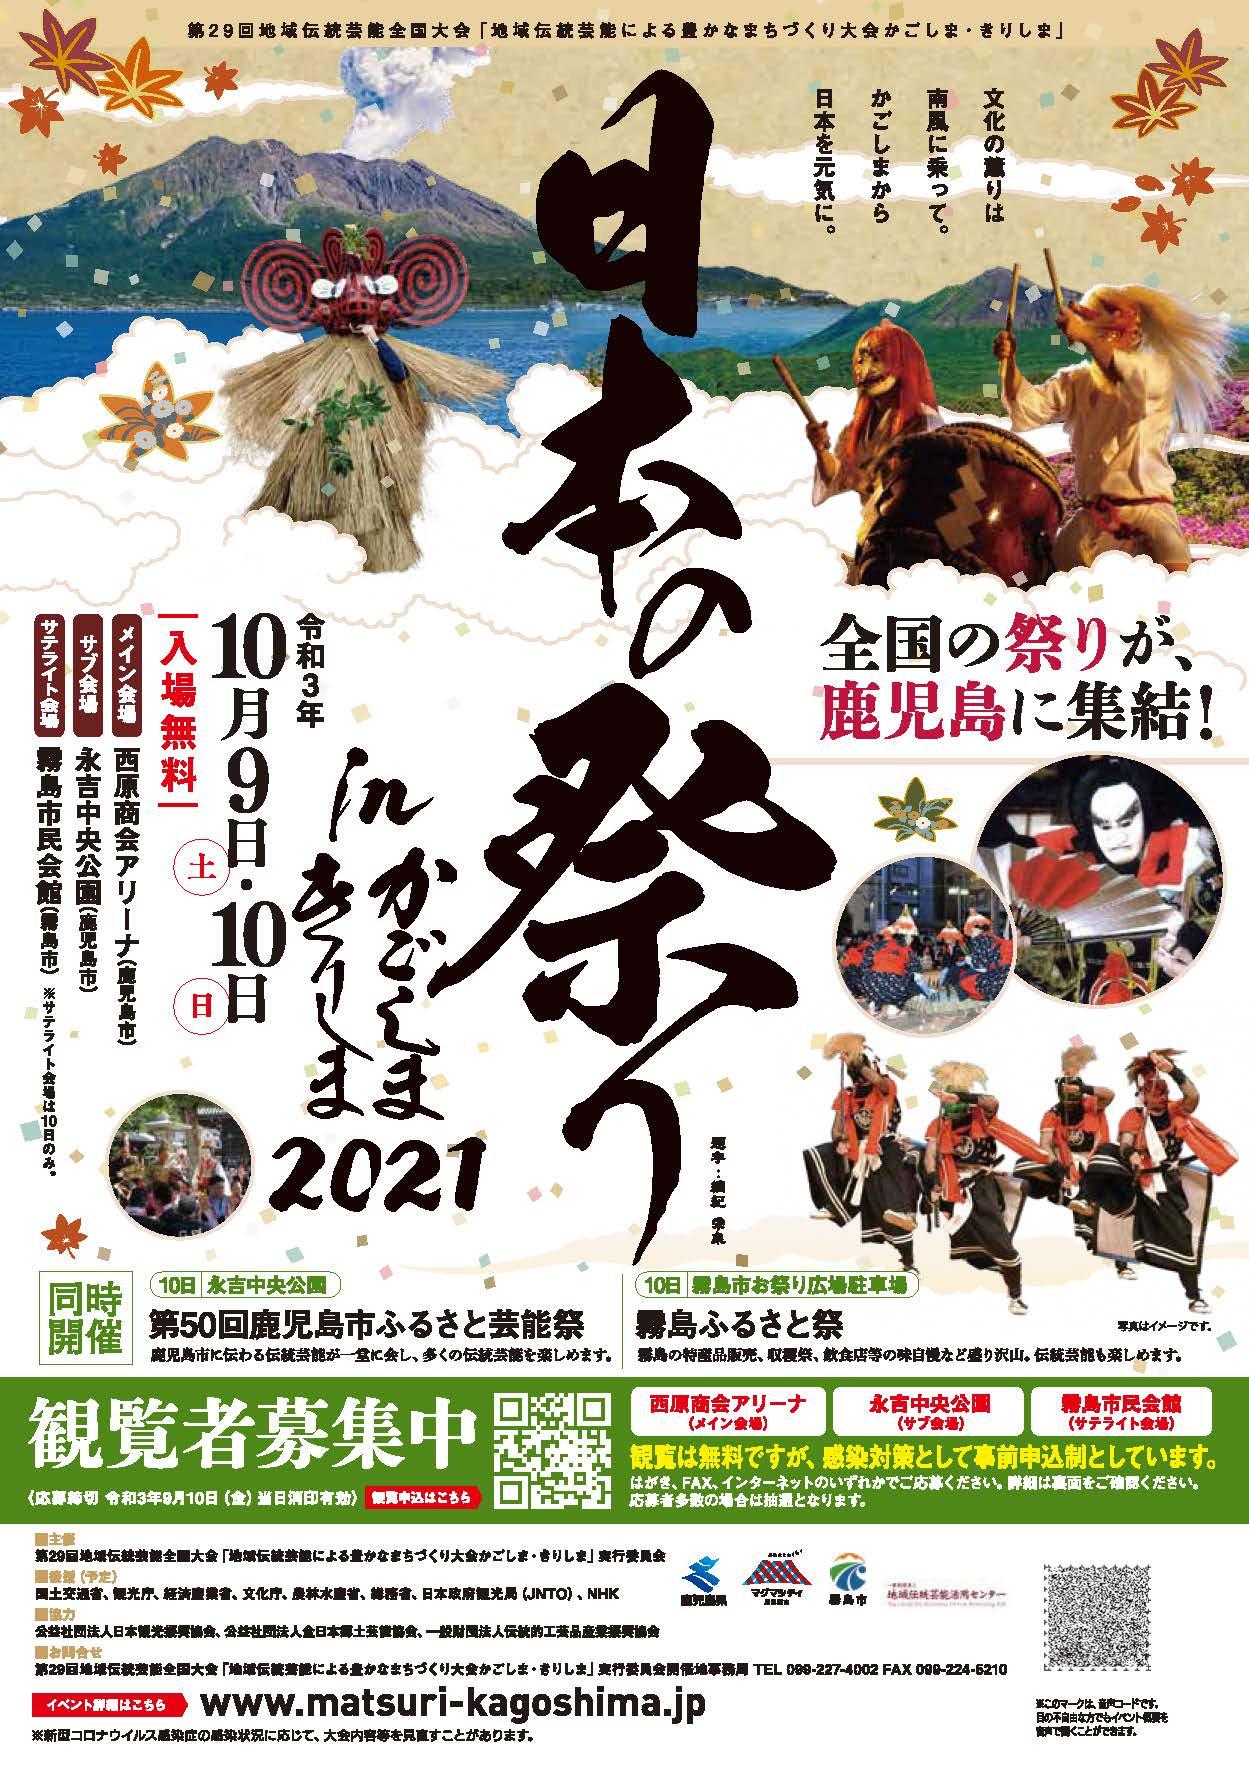 【開催中止】日本の祭りinかごしま・きりしま2021